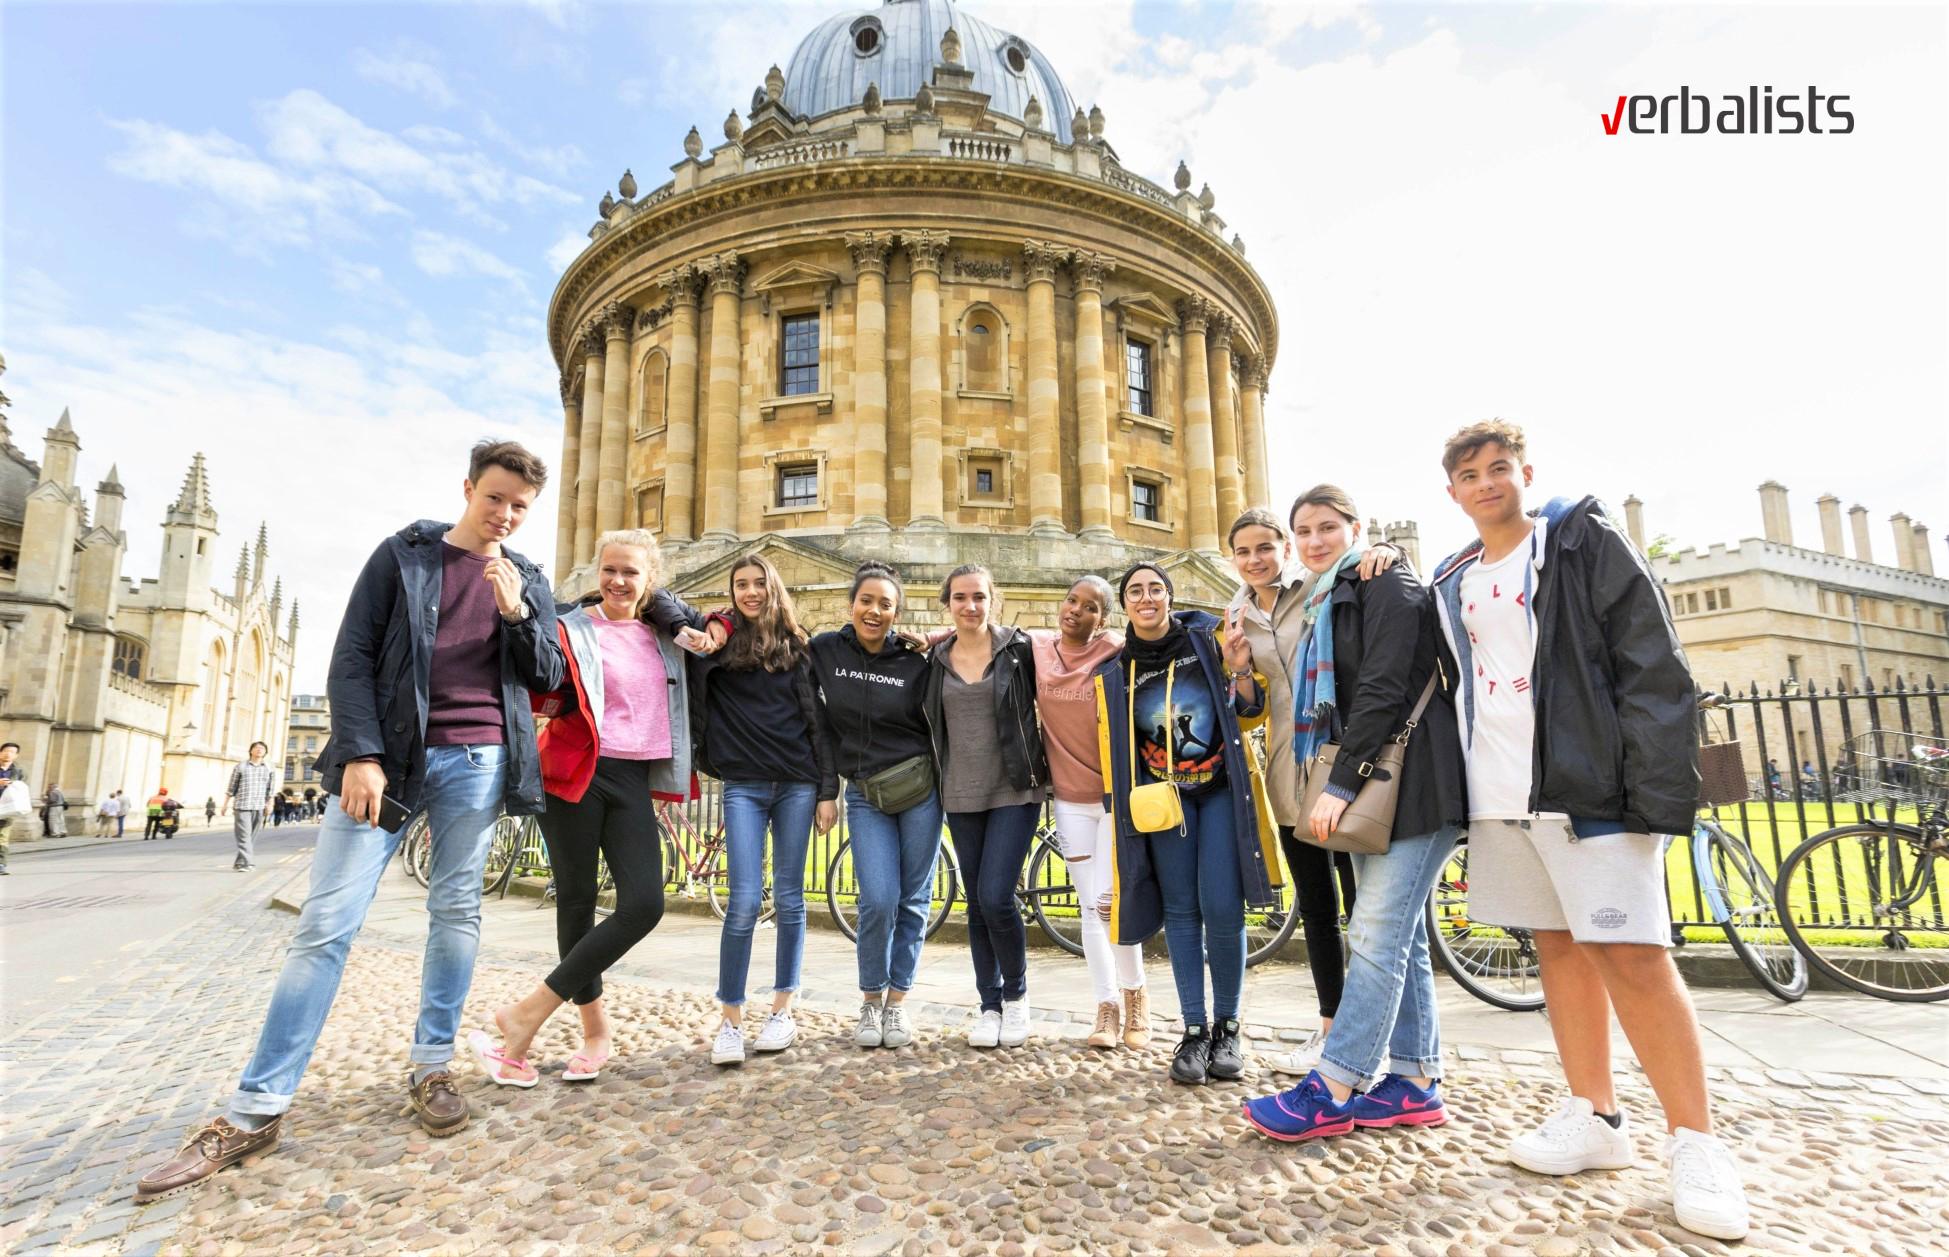 Kursevi engleskog jezika i akademski programi u Oksfordu, Verbalisti